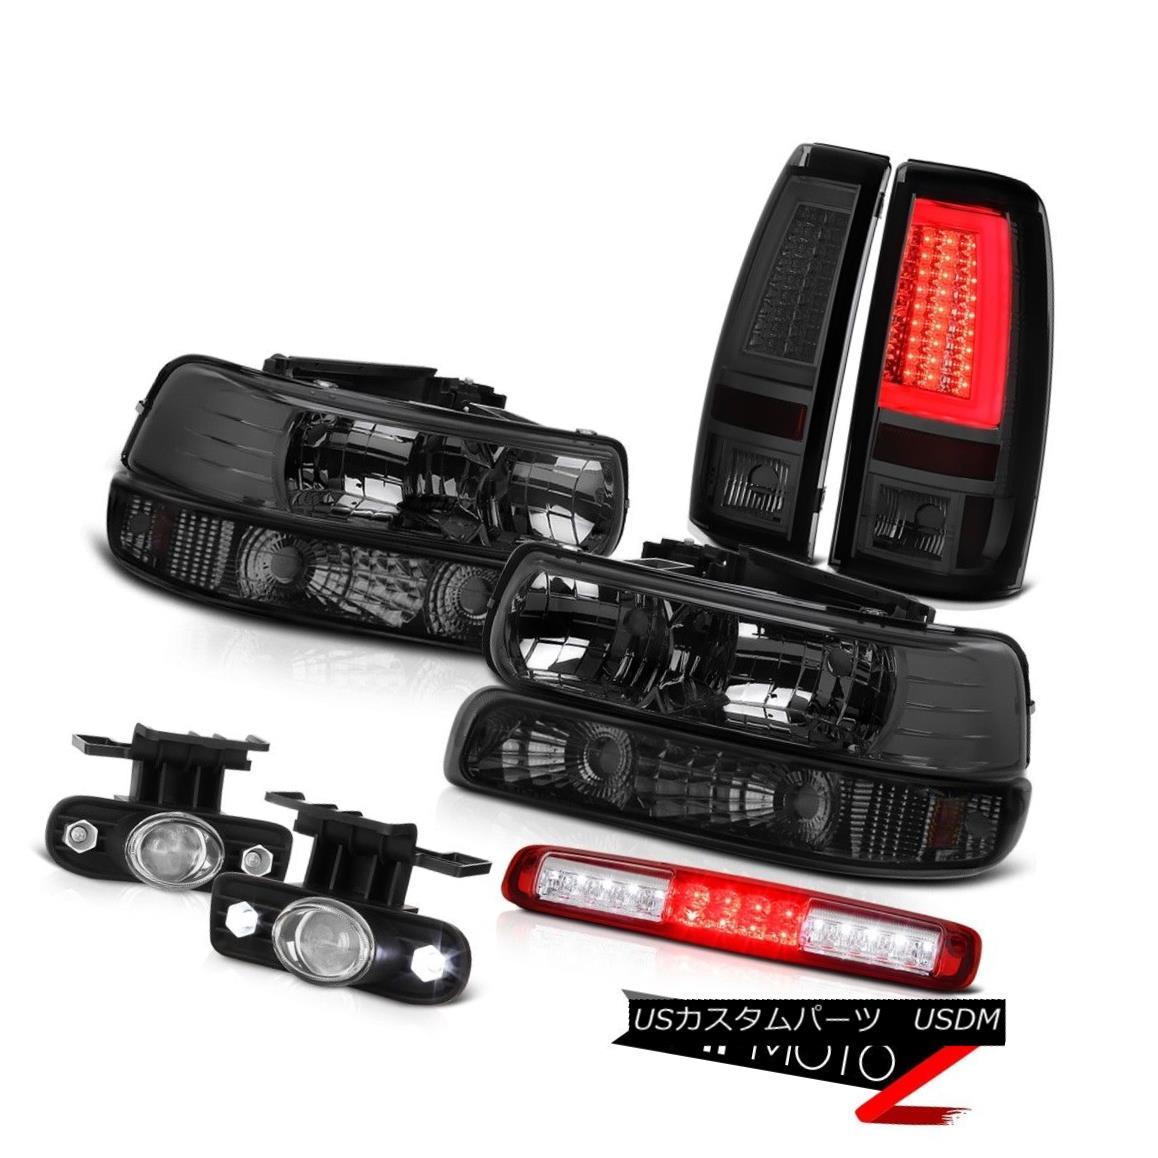 テールライト 1999-2002 Silverado 2500HD Taillights Signal Light Headlights 3rd Brake Foglamps 1999-2002 Silverado 2500HDテールライトシグナルライトヘッドライト第3ブレーキフォグランプ